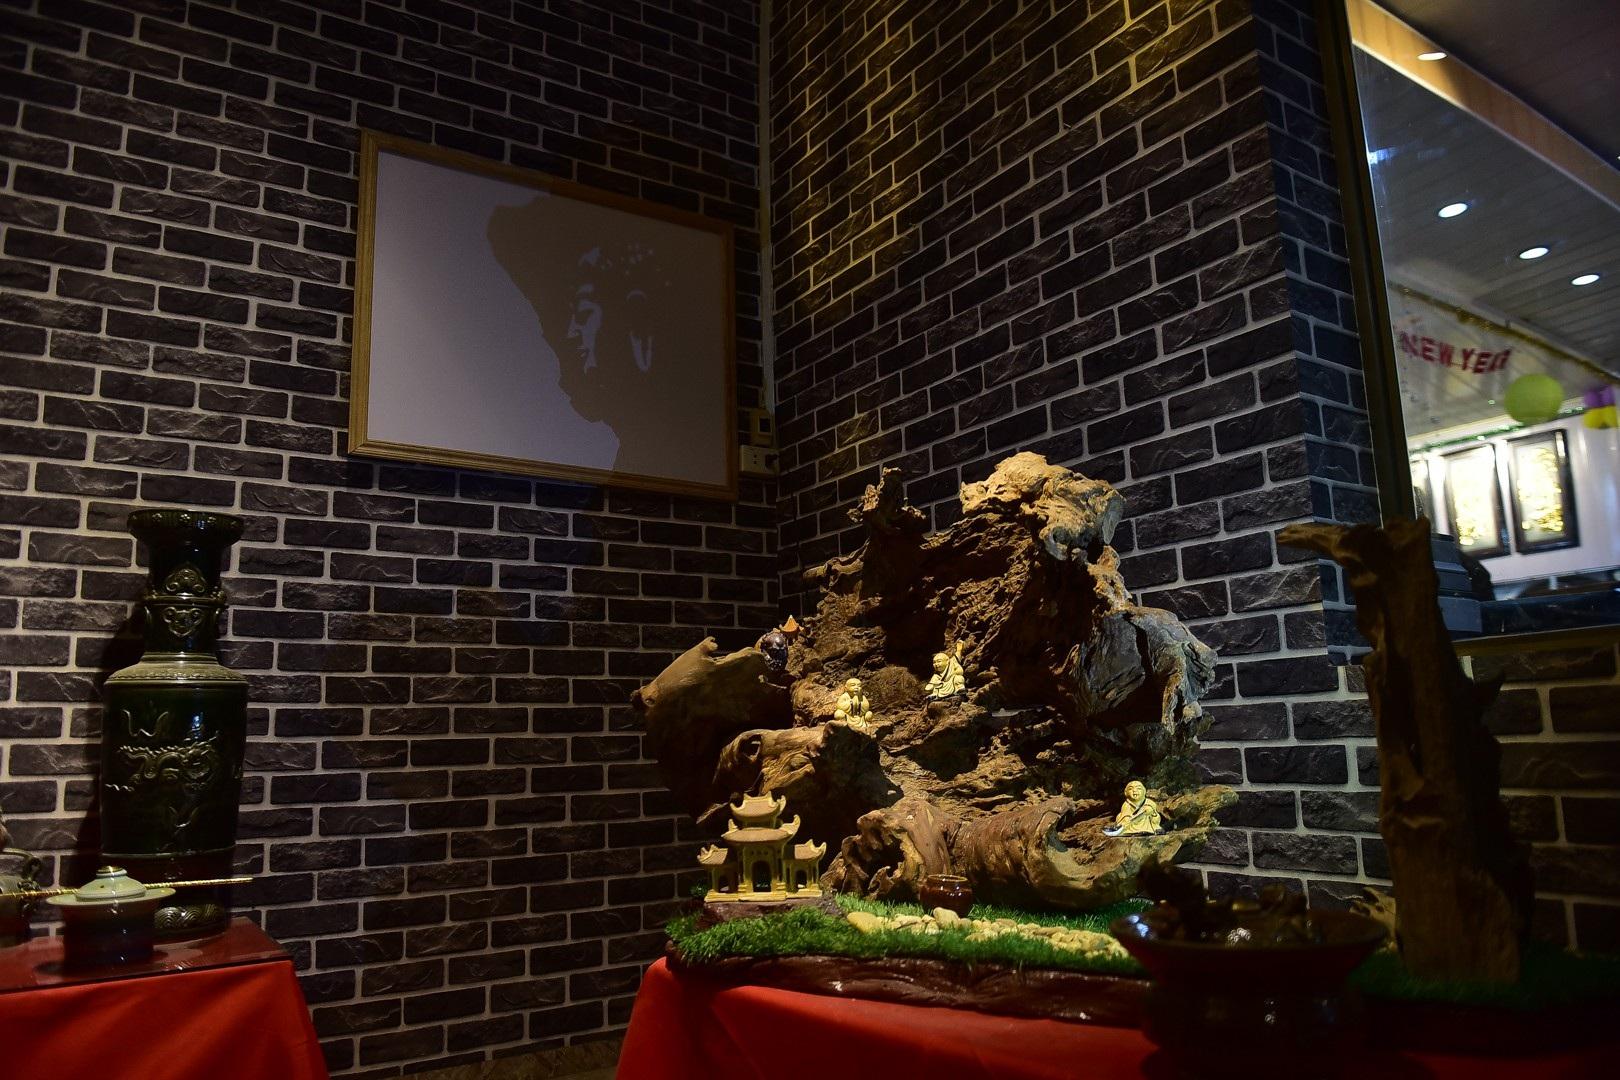 Độc đáo nghệ thuật điêu khắc ánh sáng của anh chàng kỹ sư xây dựng - Ảnh 2.